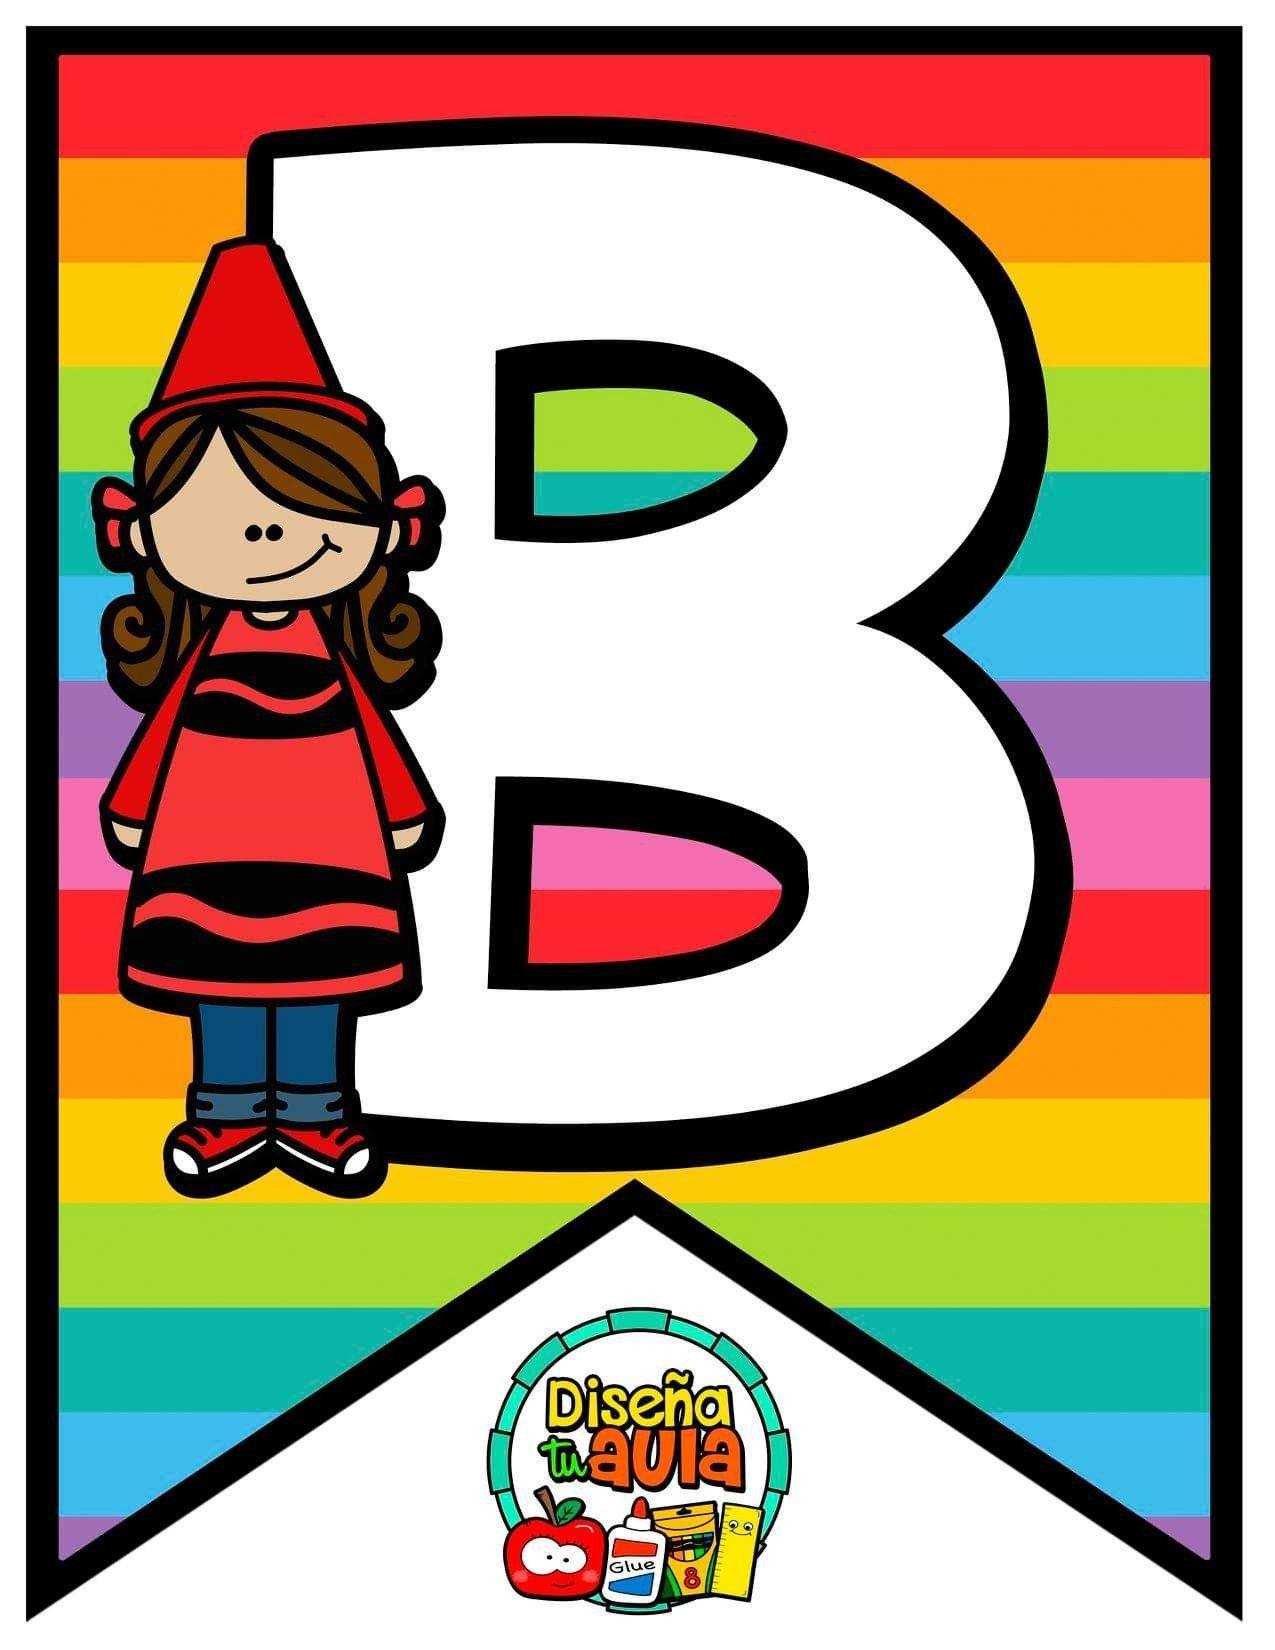 Pin de Laura Garcia en Banners (con imágenes) Etiquetas